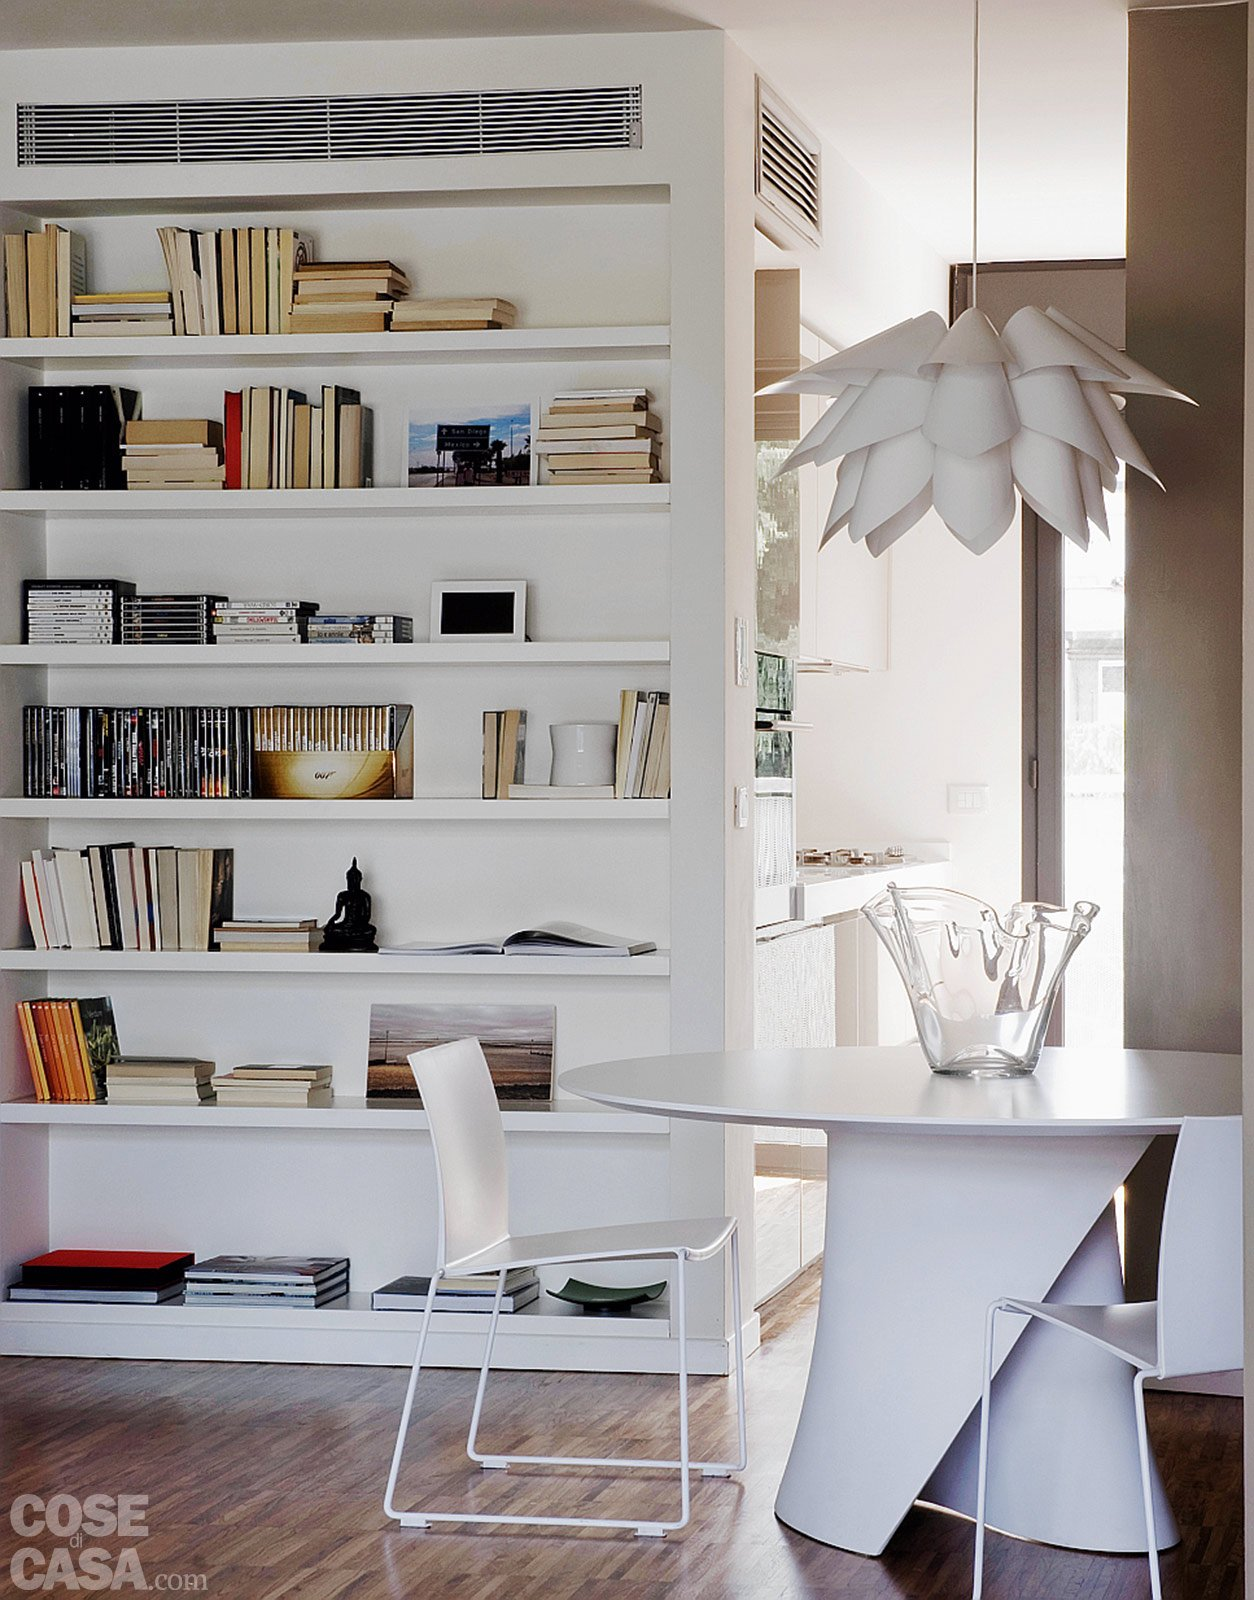 Una casa alla ricerca della luce cose di casa - Parete divisoria casa ...